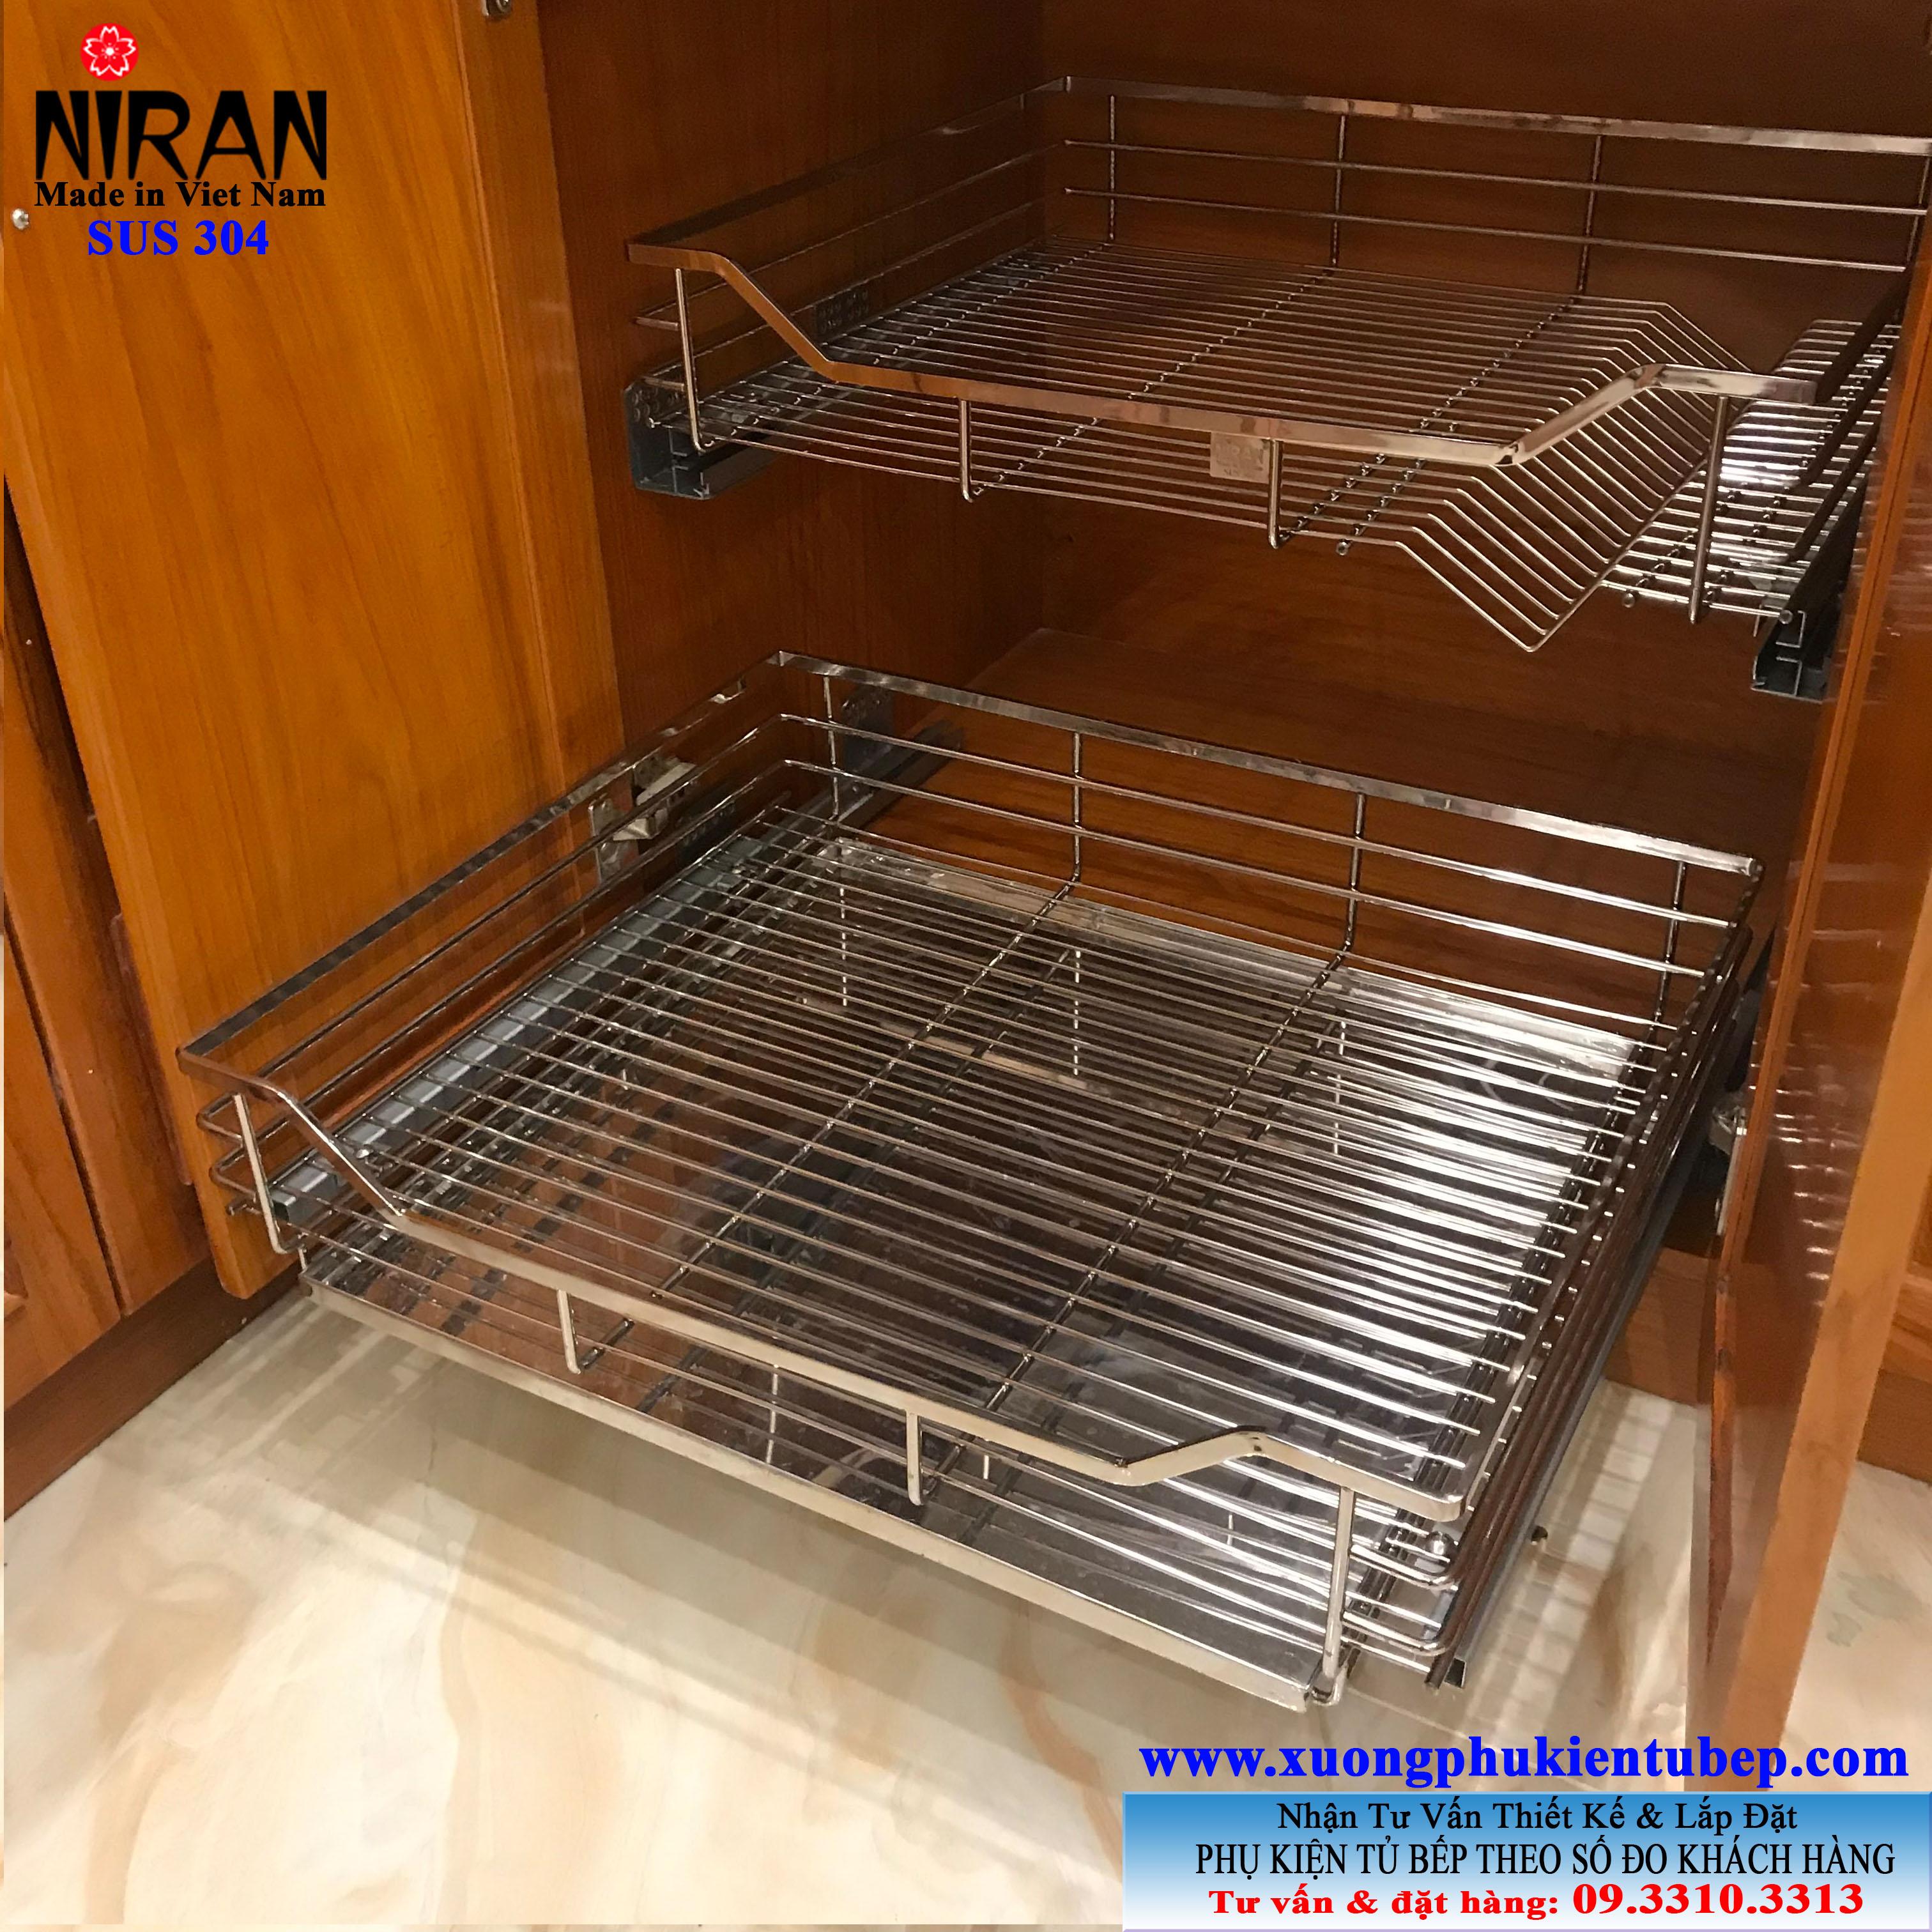 Rổ chén dĩa xoong nồi Niran inox 304 NR0201